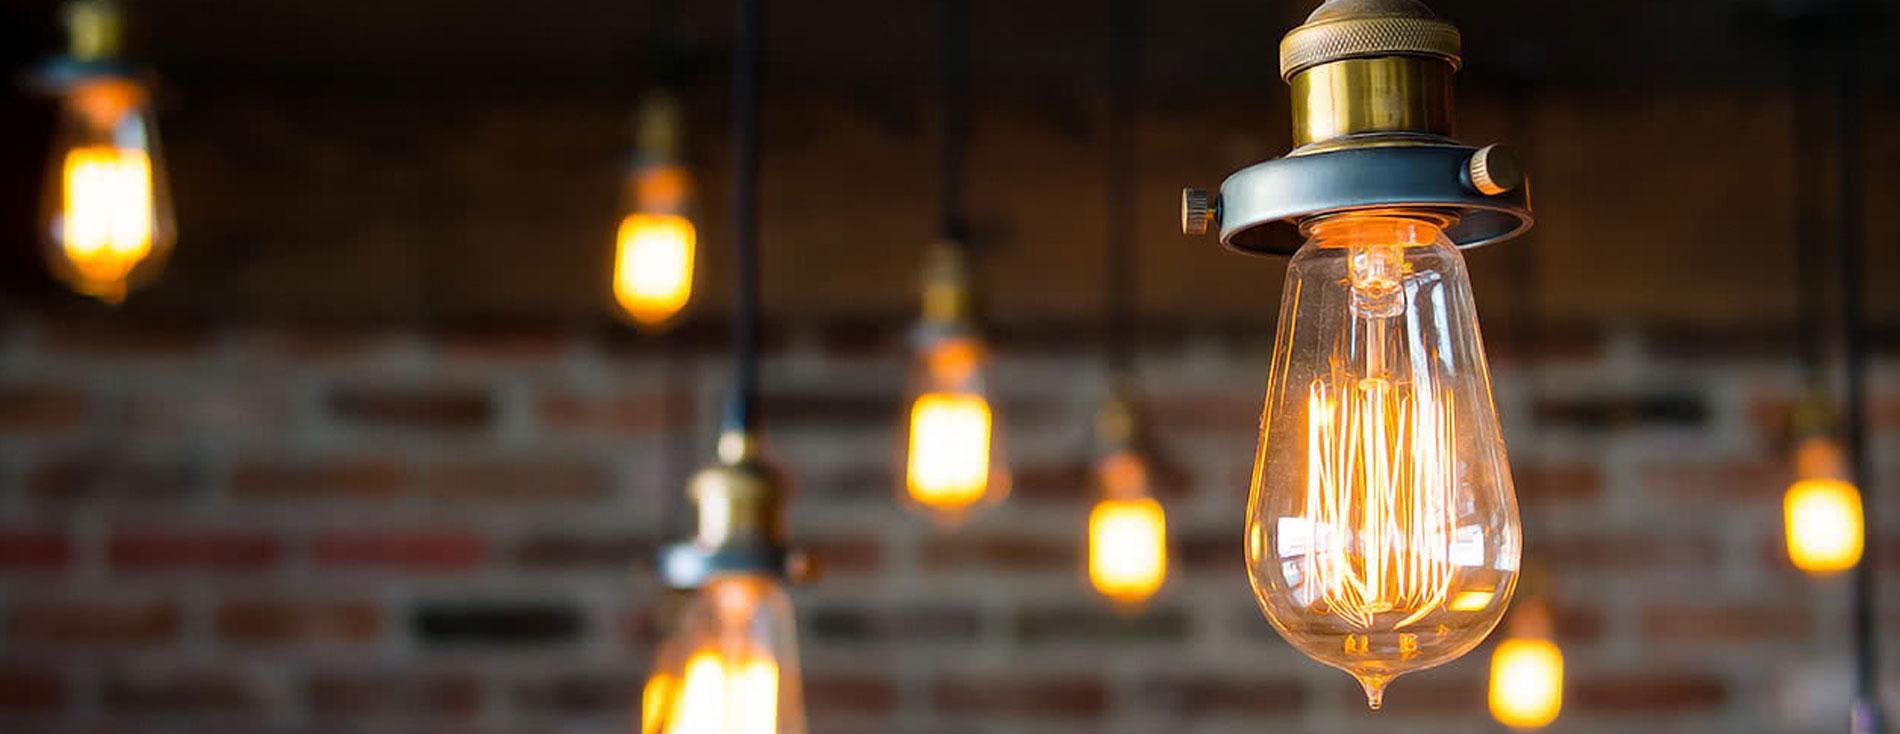 چگونه مصرف برق را کاهش دهیم؟